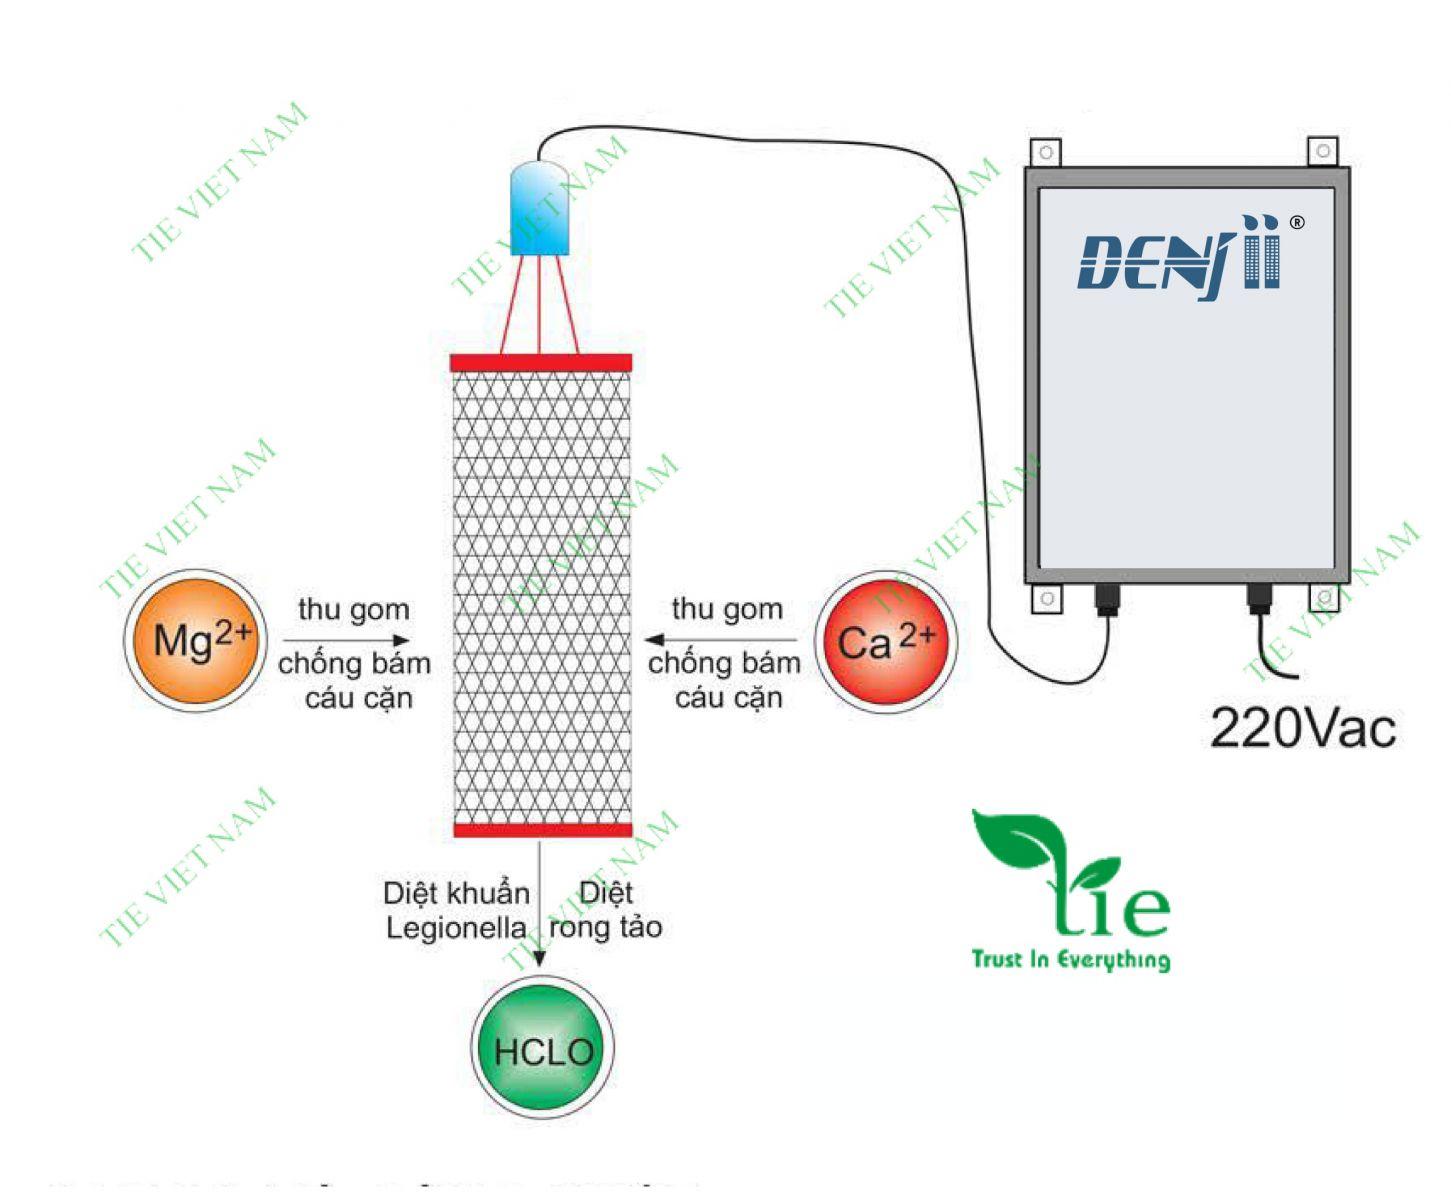 Hệ thống xử lý cáu cặn không dùng hoa chất Denjii